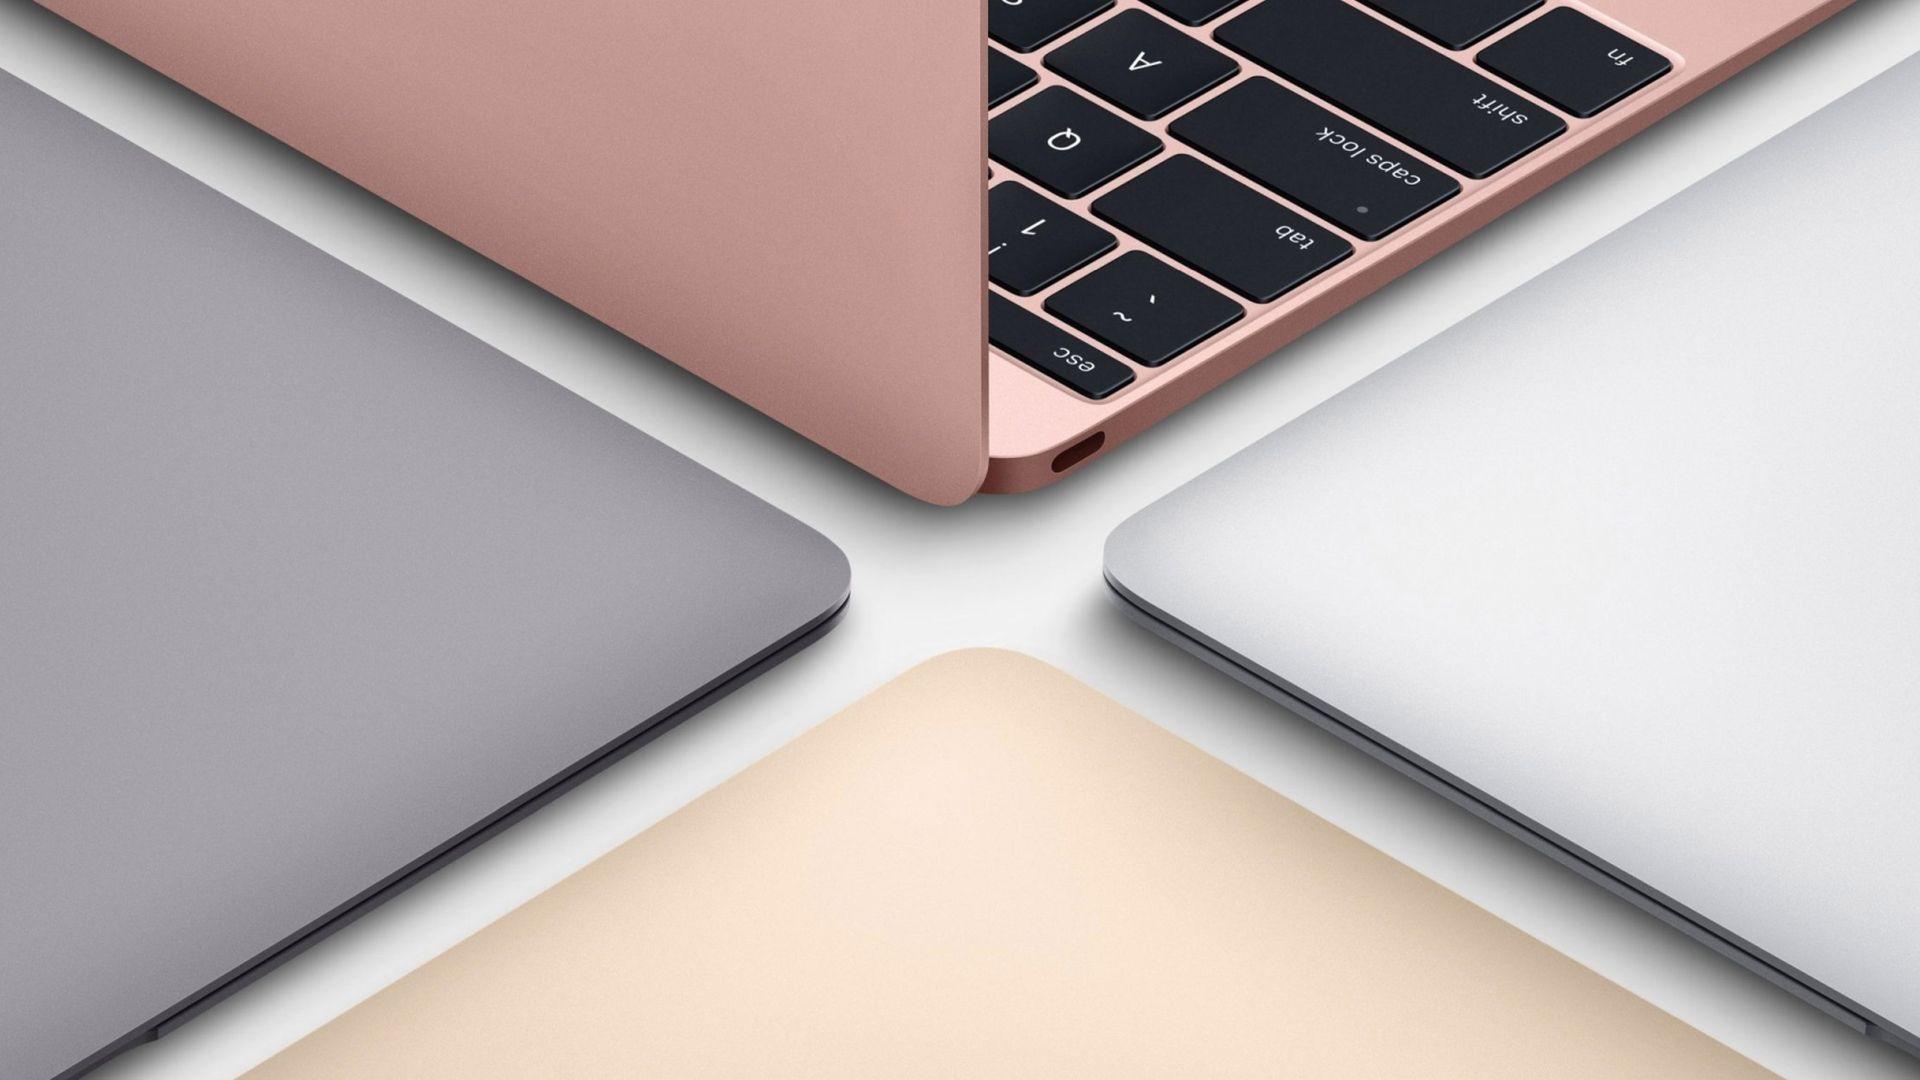 Odświeżone Macbooki wygrywają ze starszymi modelami!